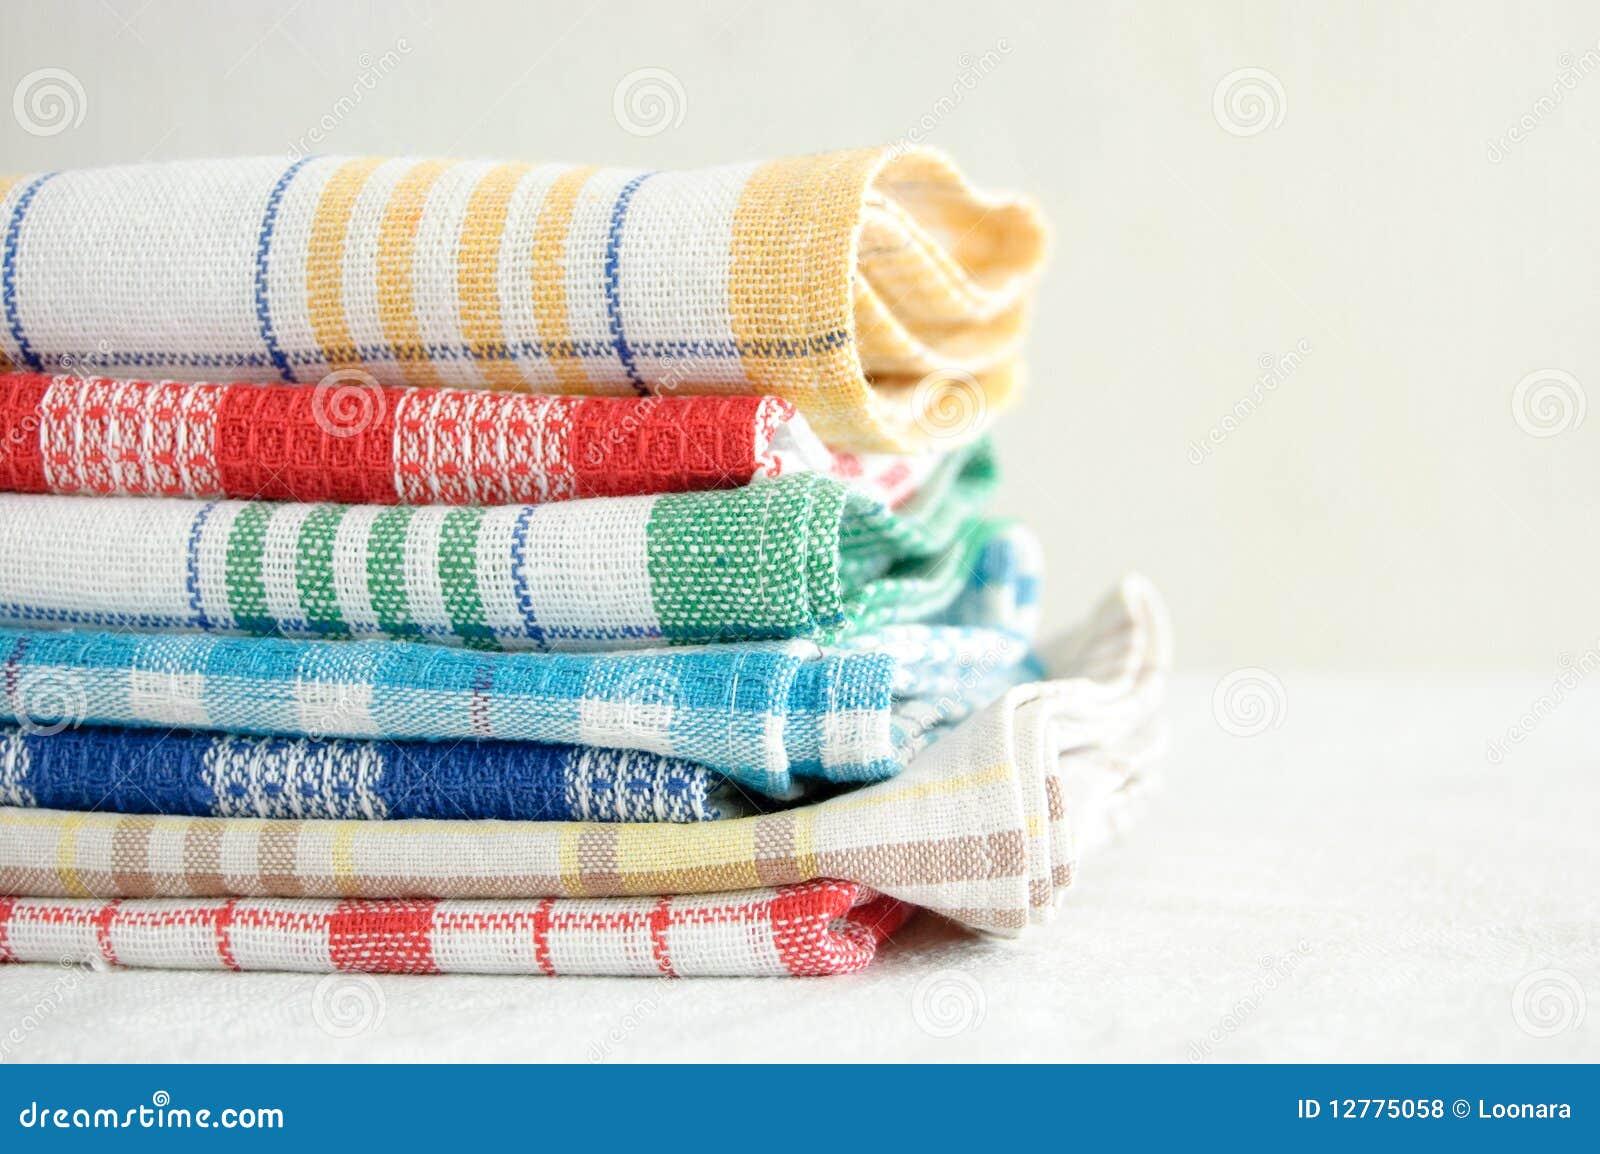 Stapel van de handdoeken van de linnenkeuken op een witte achtergrond.